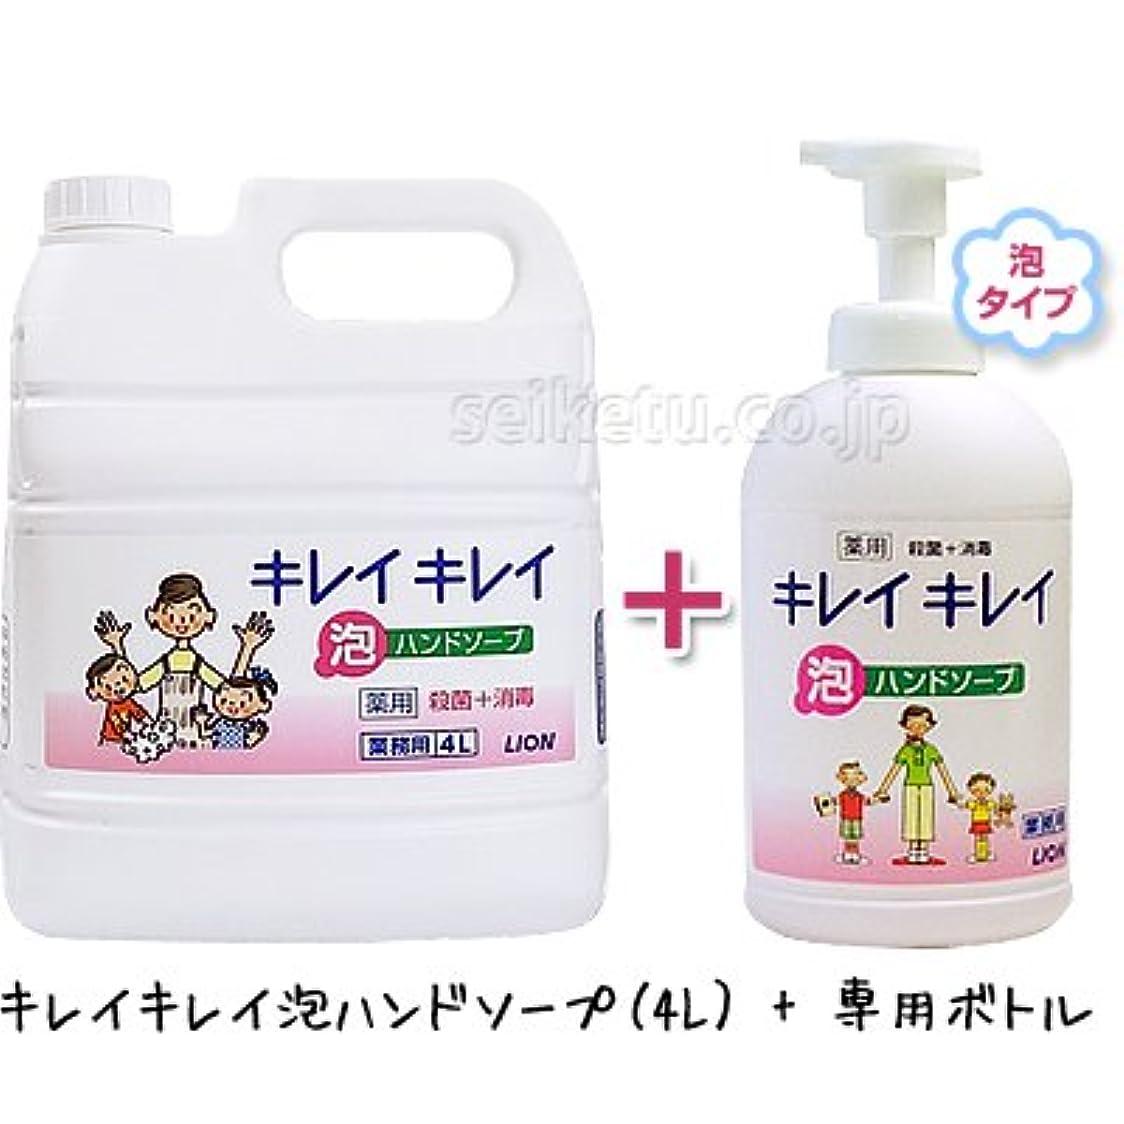 【清潔キレイ館/お得なセット】ライオン キレイキレイ泡ハンドソープ(4L)+専用ボトル